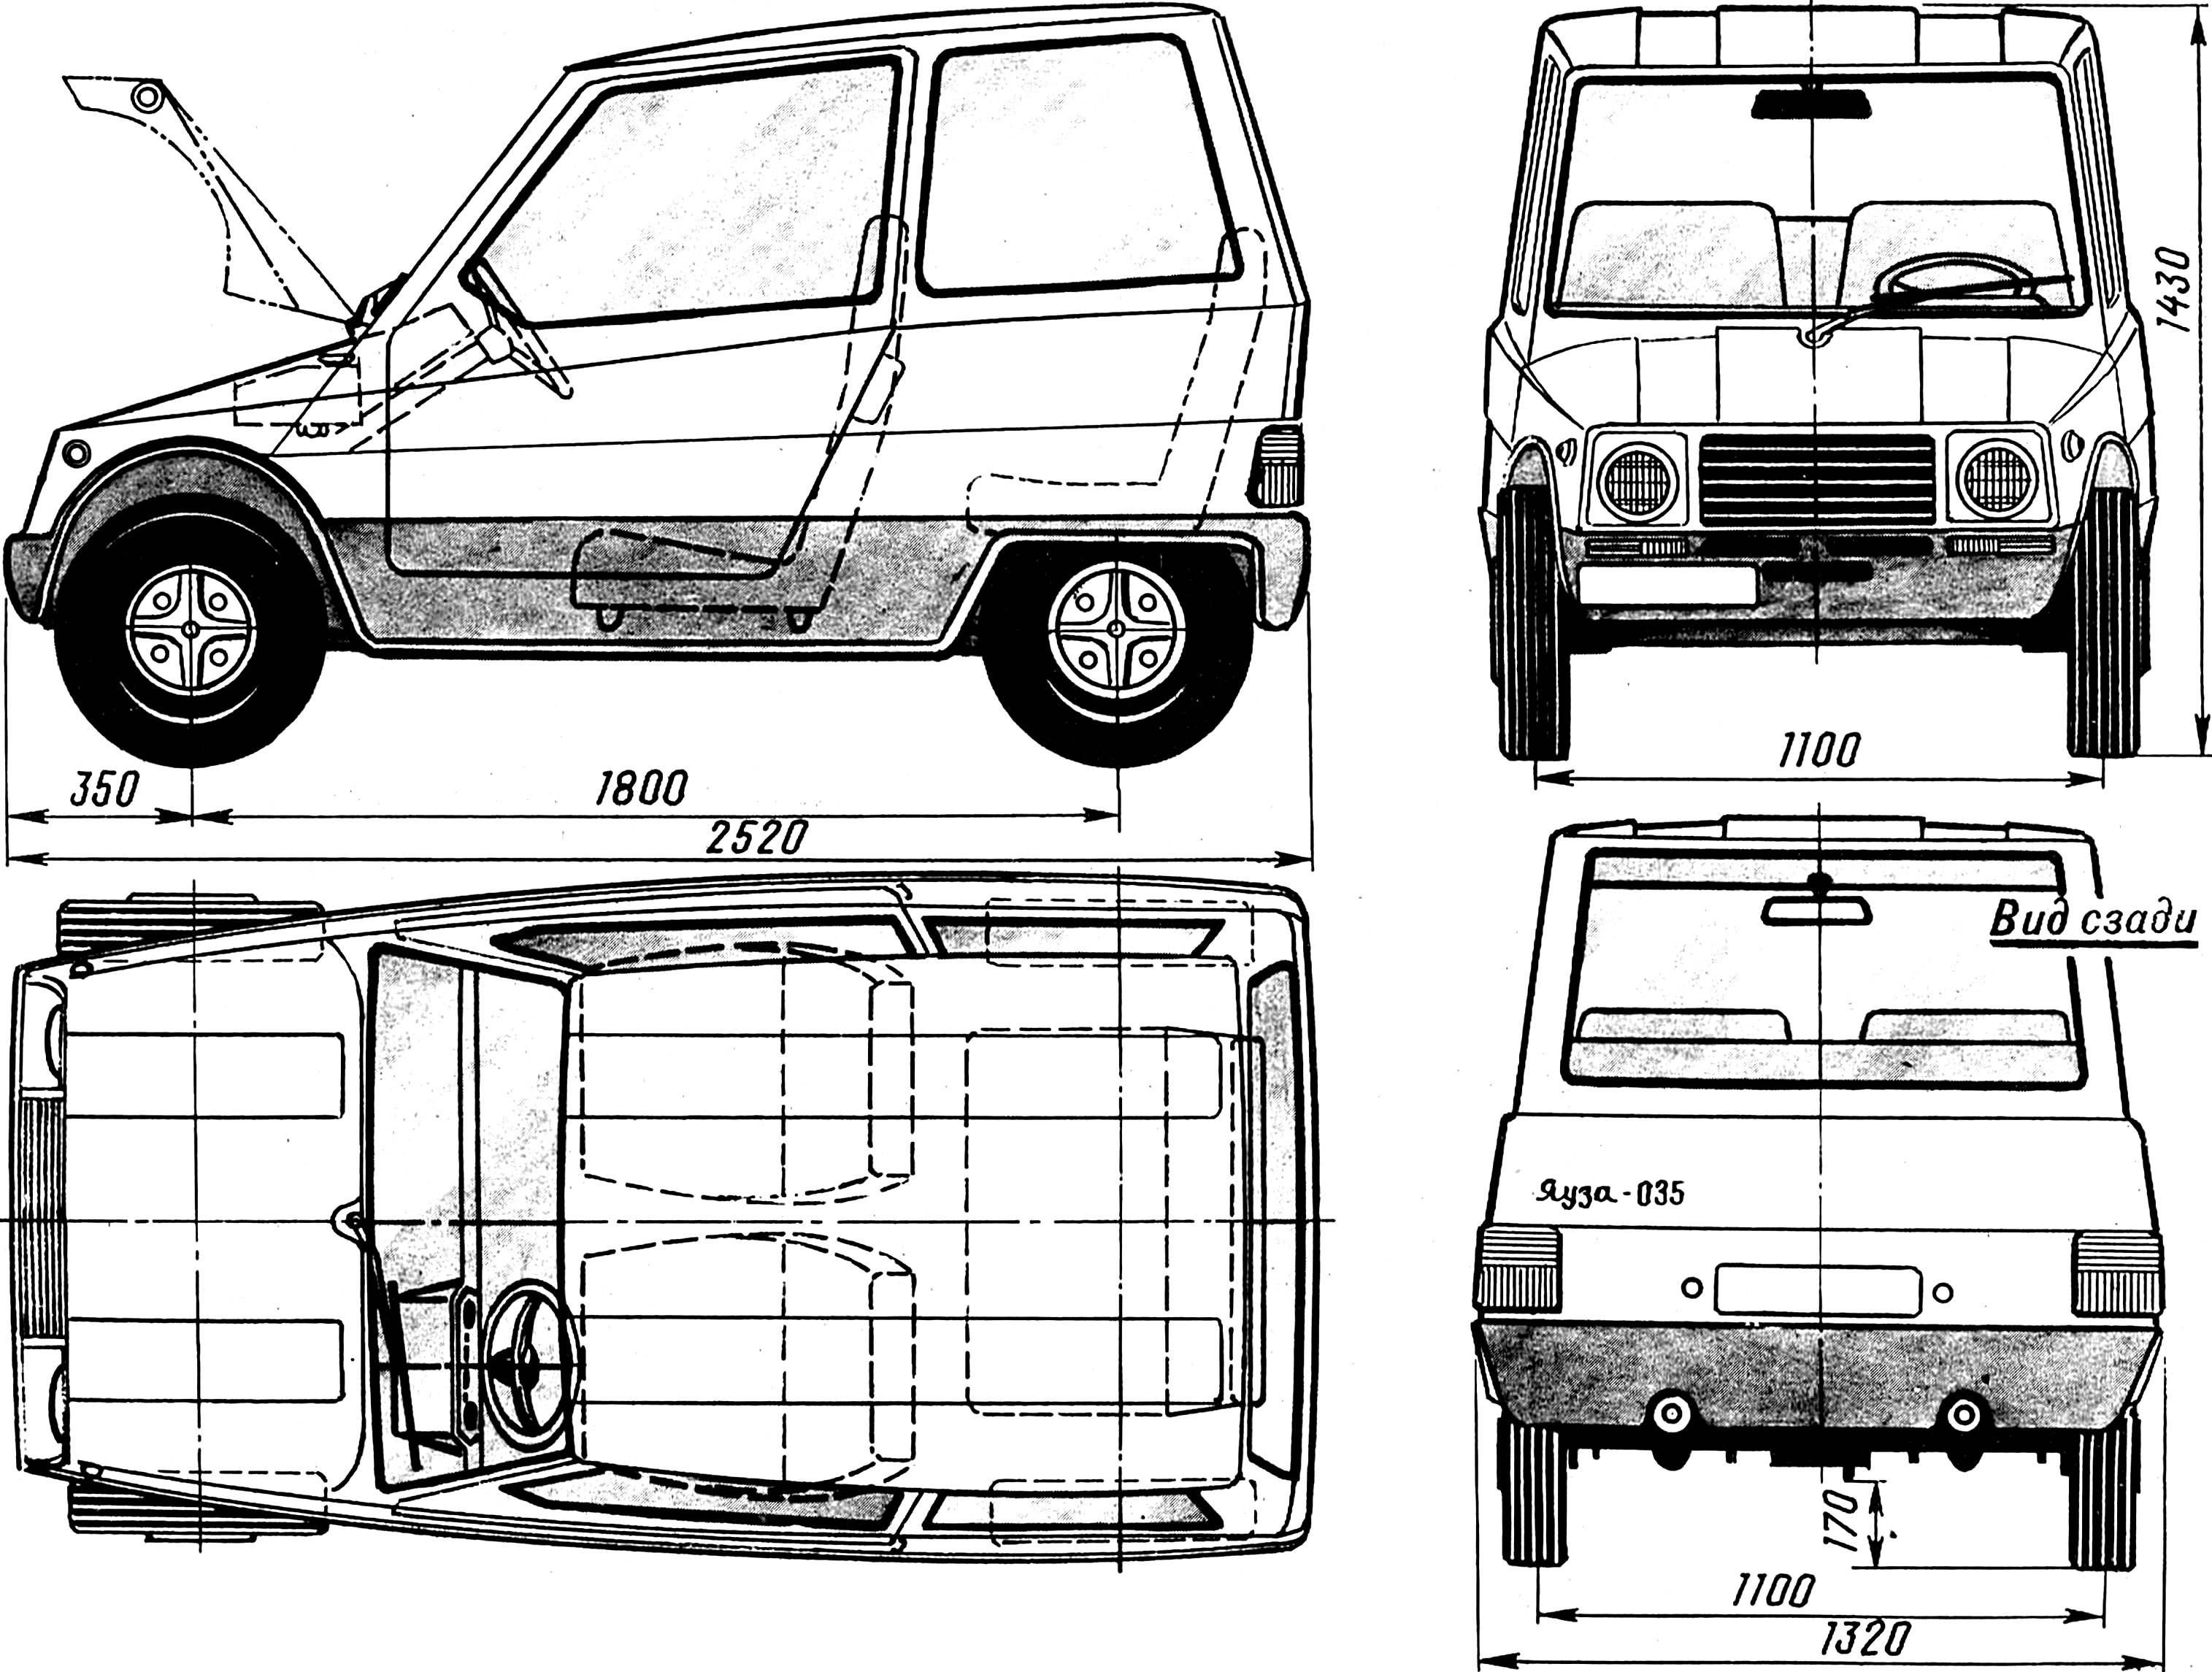 Рис. 1. Микролитражный городской автомобиль типа «2+2» «Яуза-035».